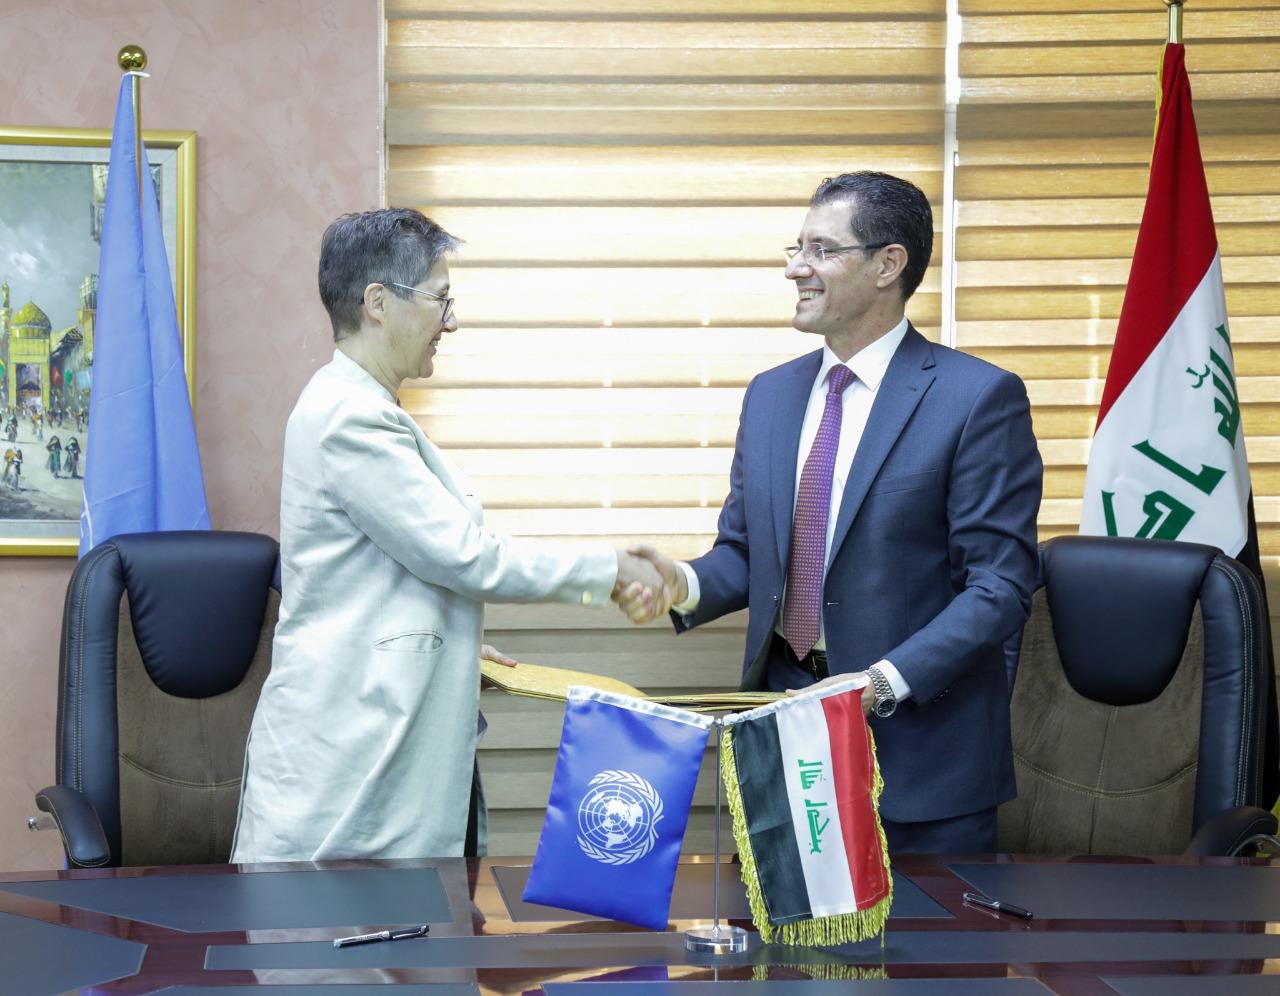 العراق يوقع مذكرة تفاهم مع الأمم المتحدة حول الصندوق الائتماني لإعمار المناطق المحررة